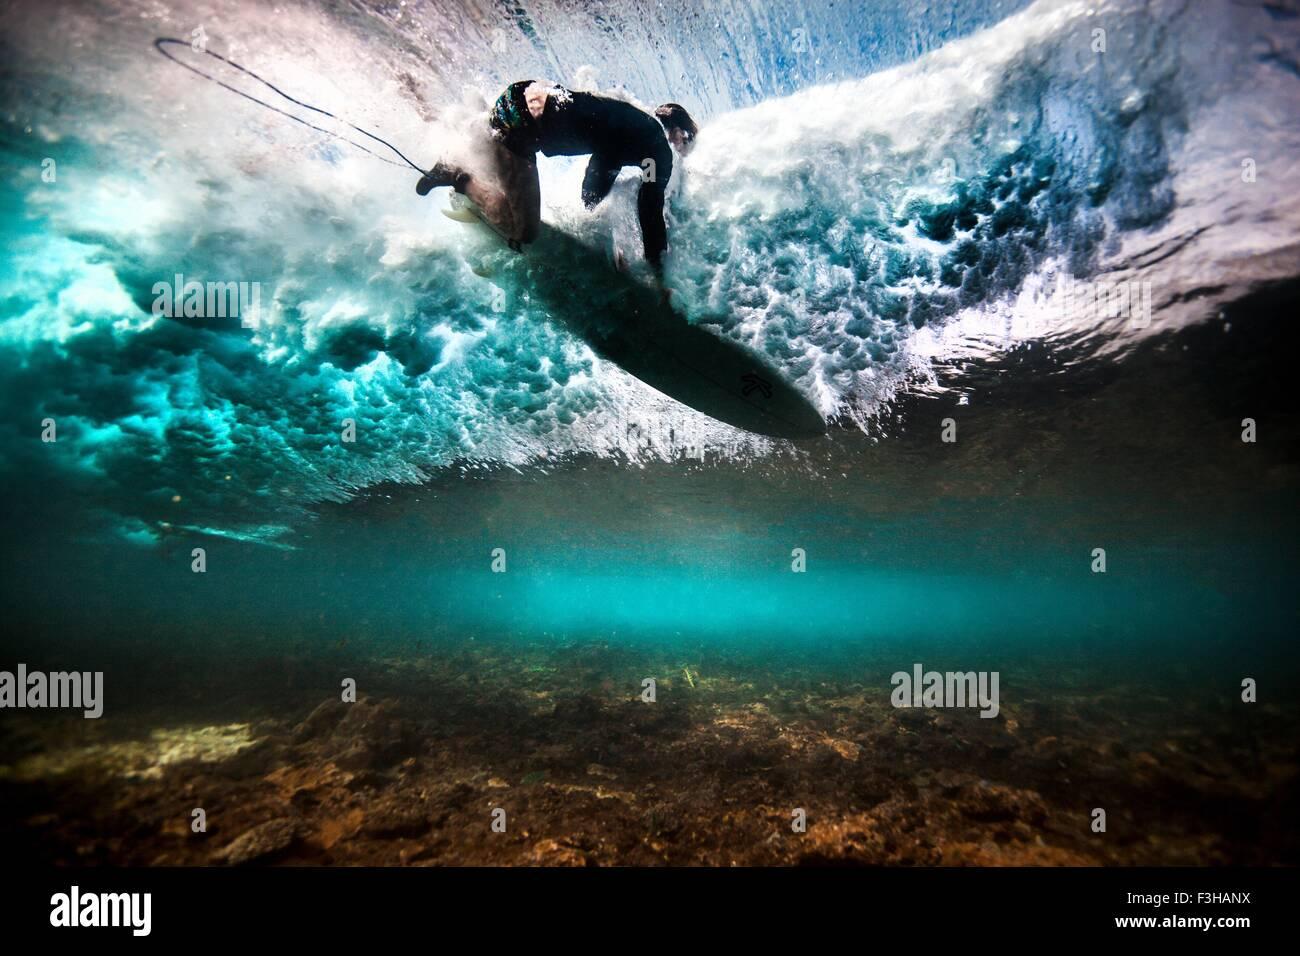 Unterwasser-Blick vom Surfer fallen durch Wasser nach dem Fang einer Welle auf ein flaches Riff in Bali, Indonesien Stockbild